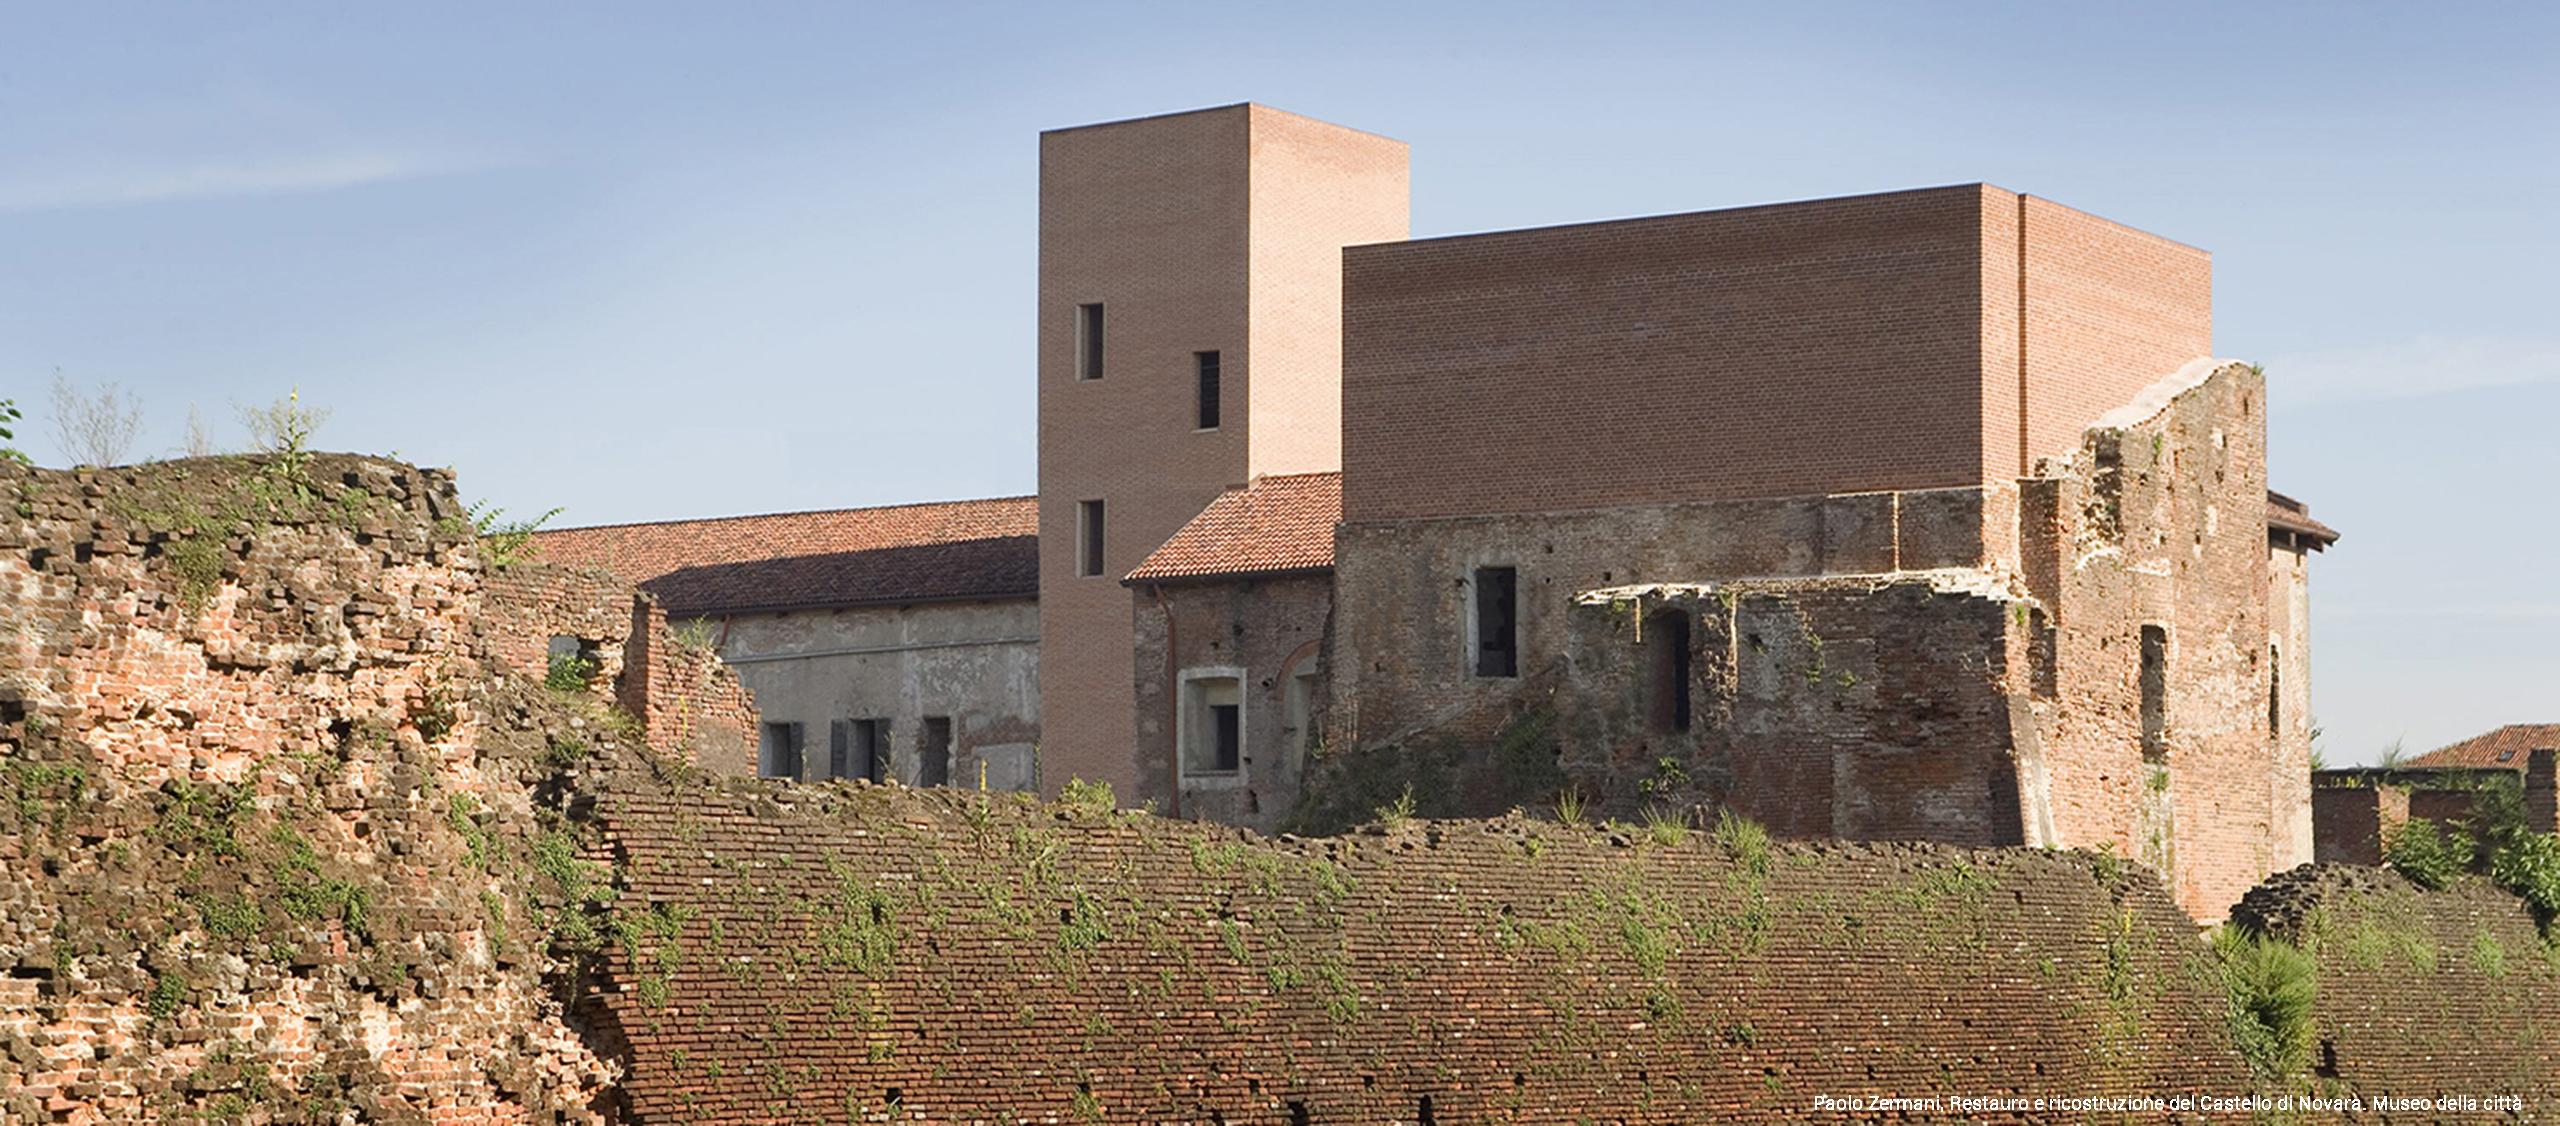 Restauro e ricostruzione del Castello di Novara, Museo della città